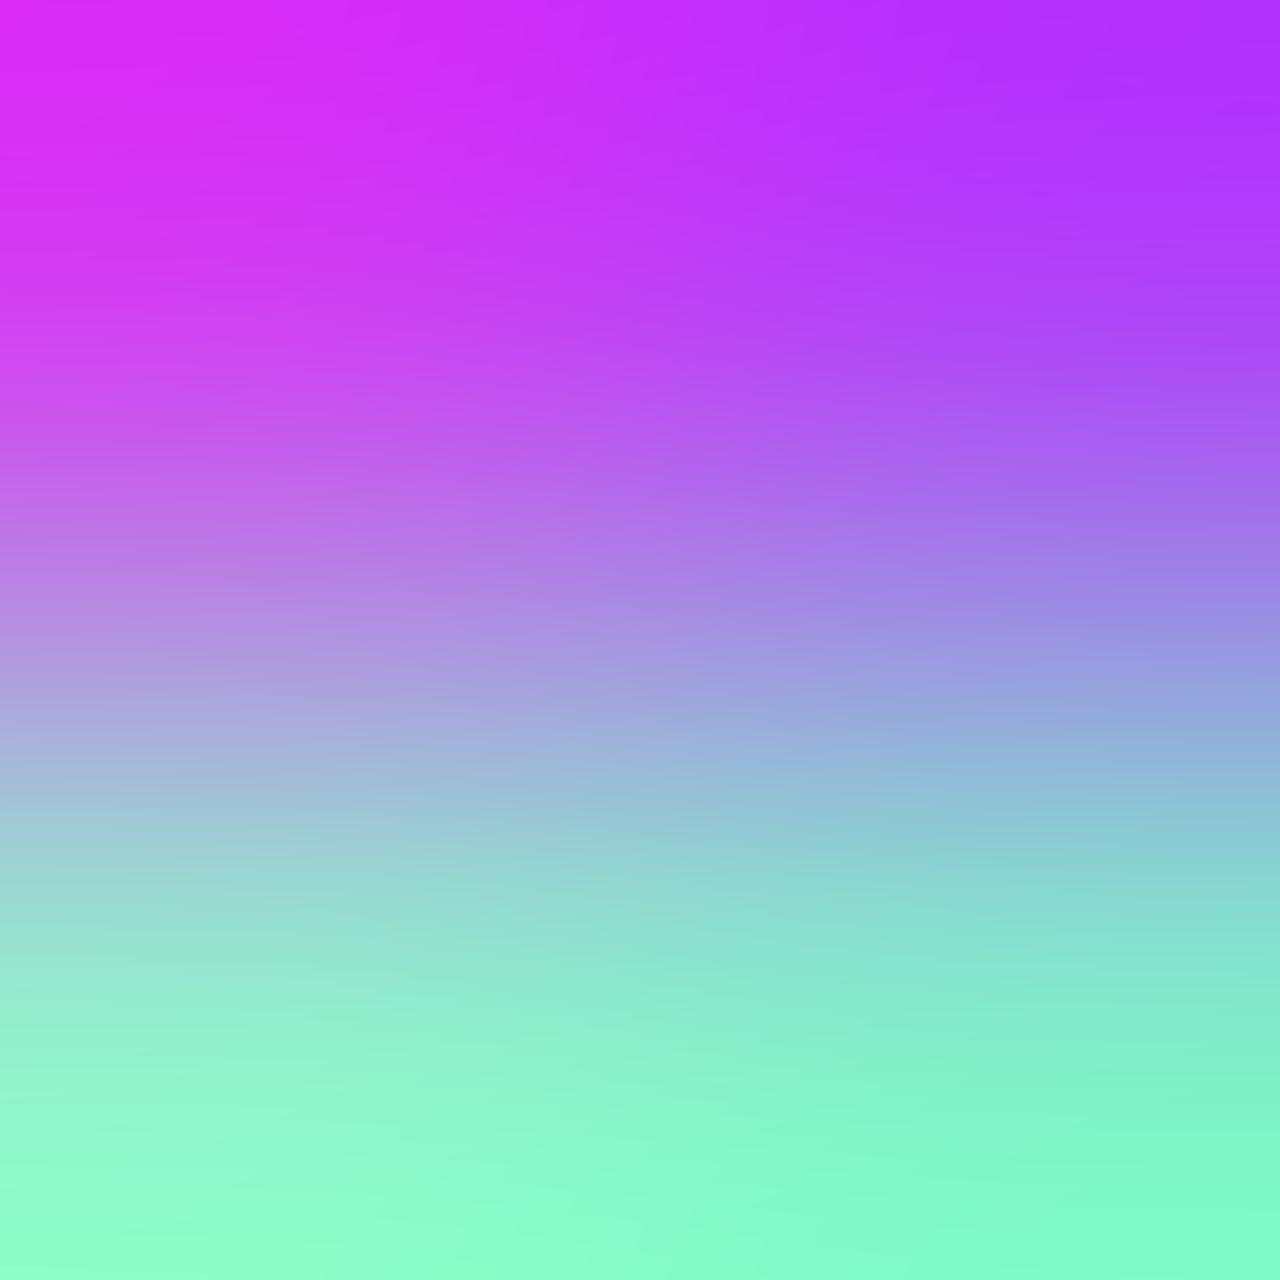 2015 Backgrounds Aqua Mauve Gradient Ombre Wallpapers Pink